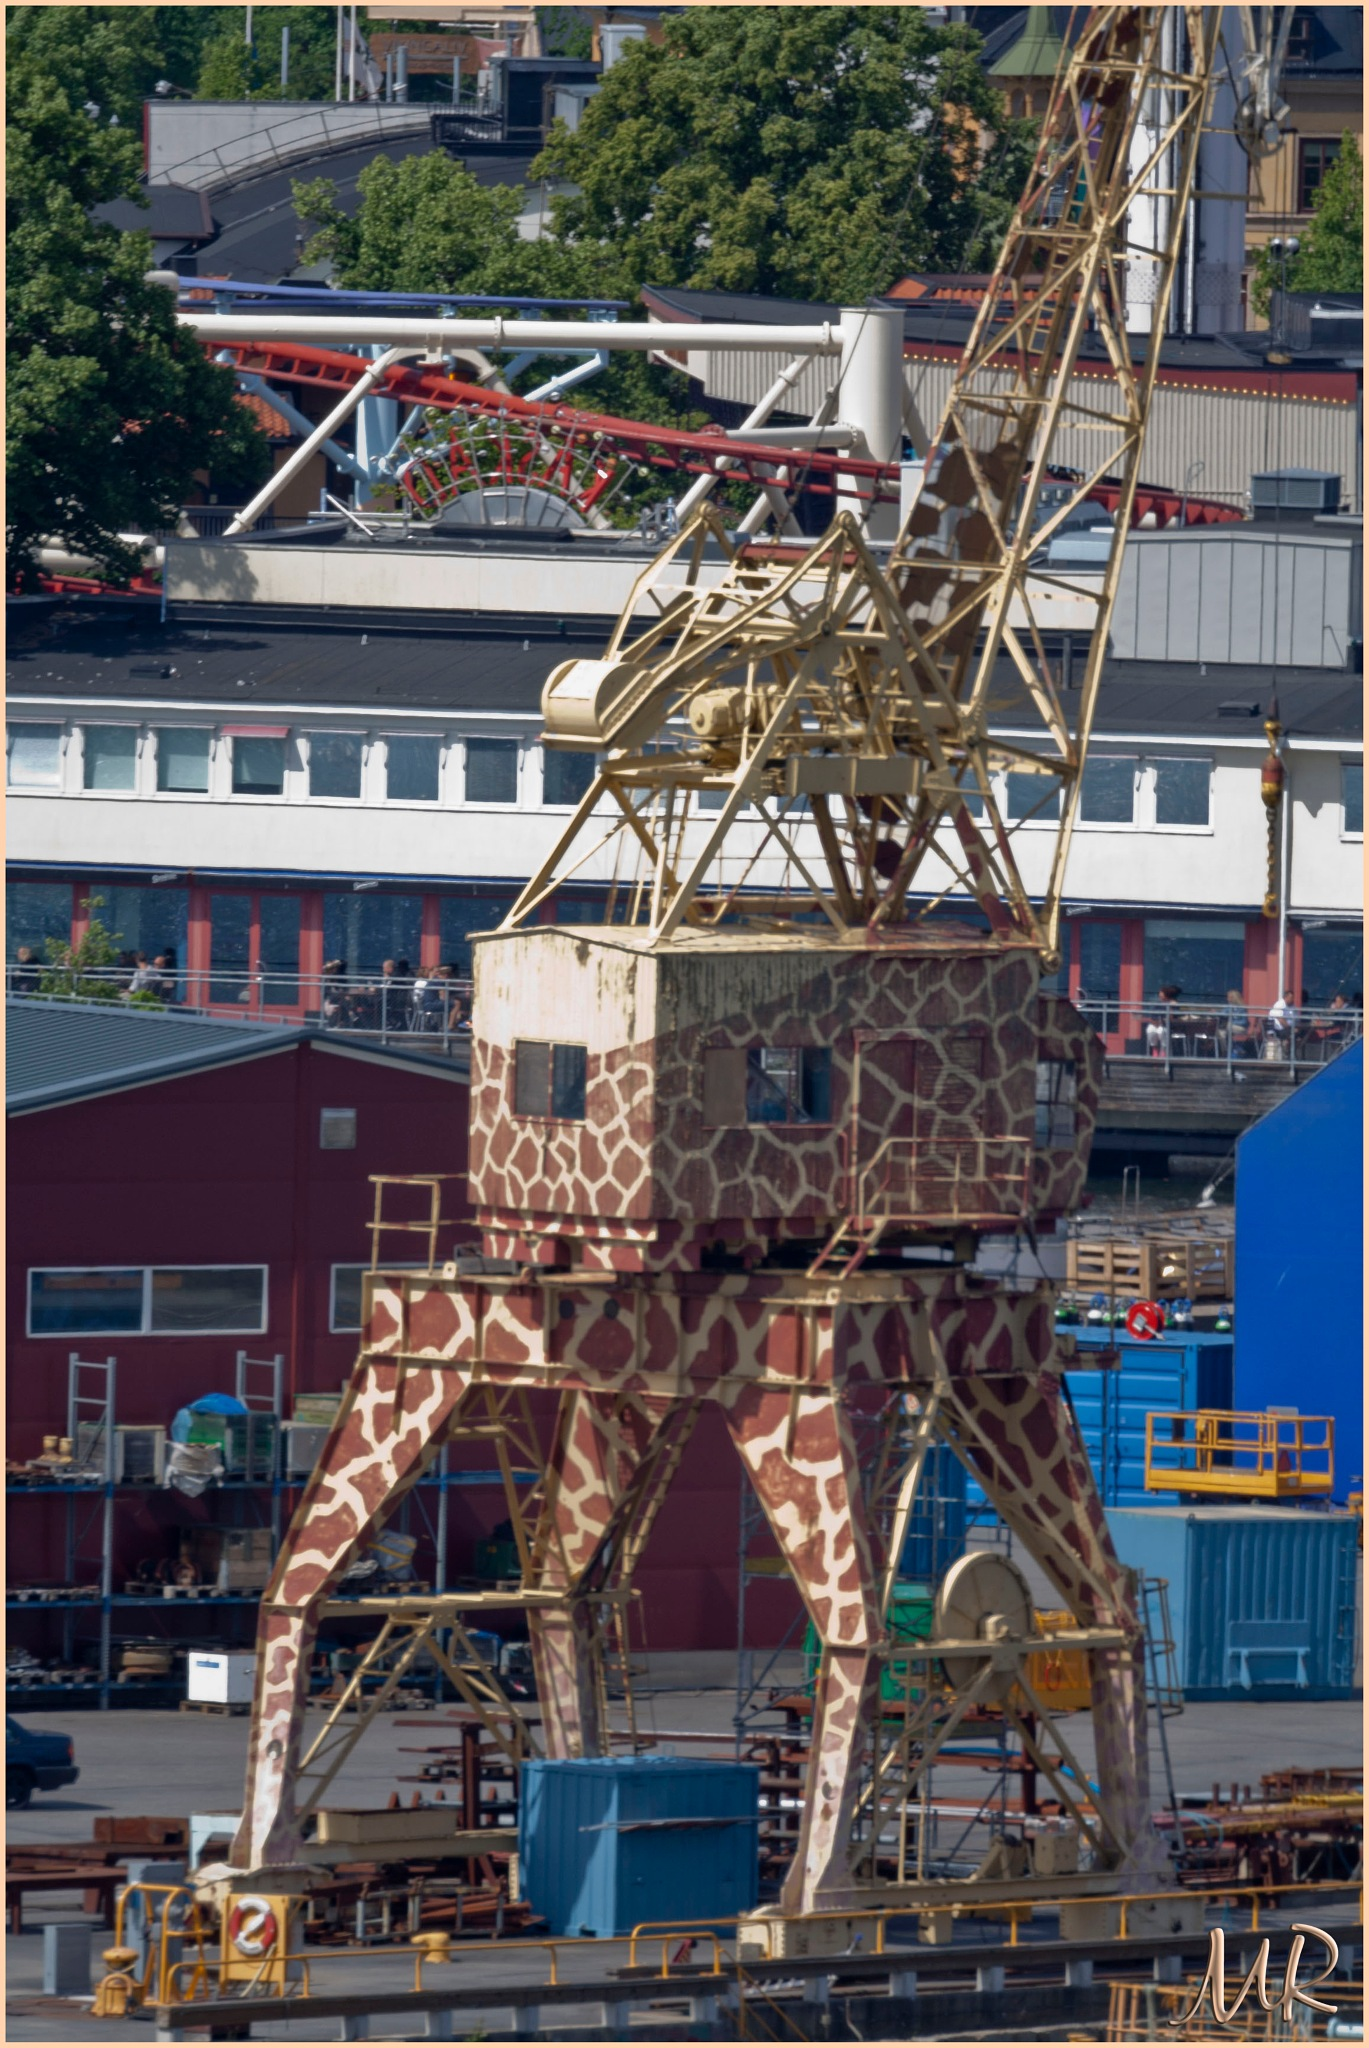 Giraffen by Mikael Rennerhorn